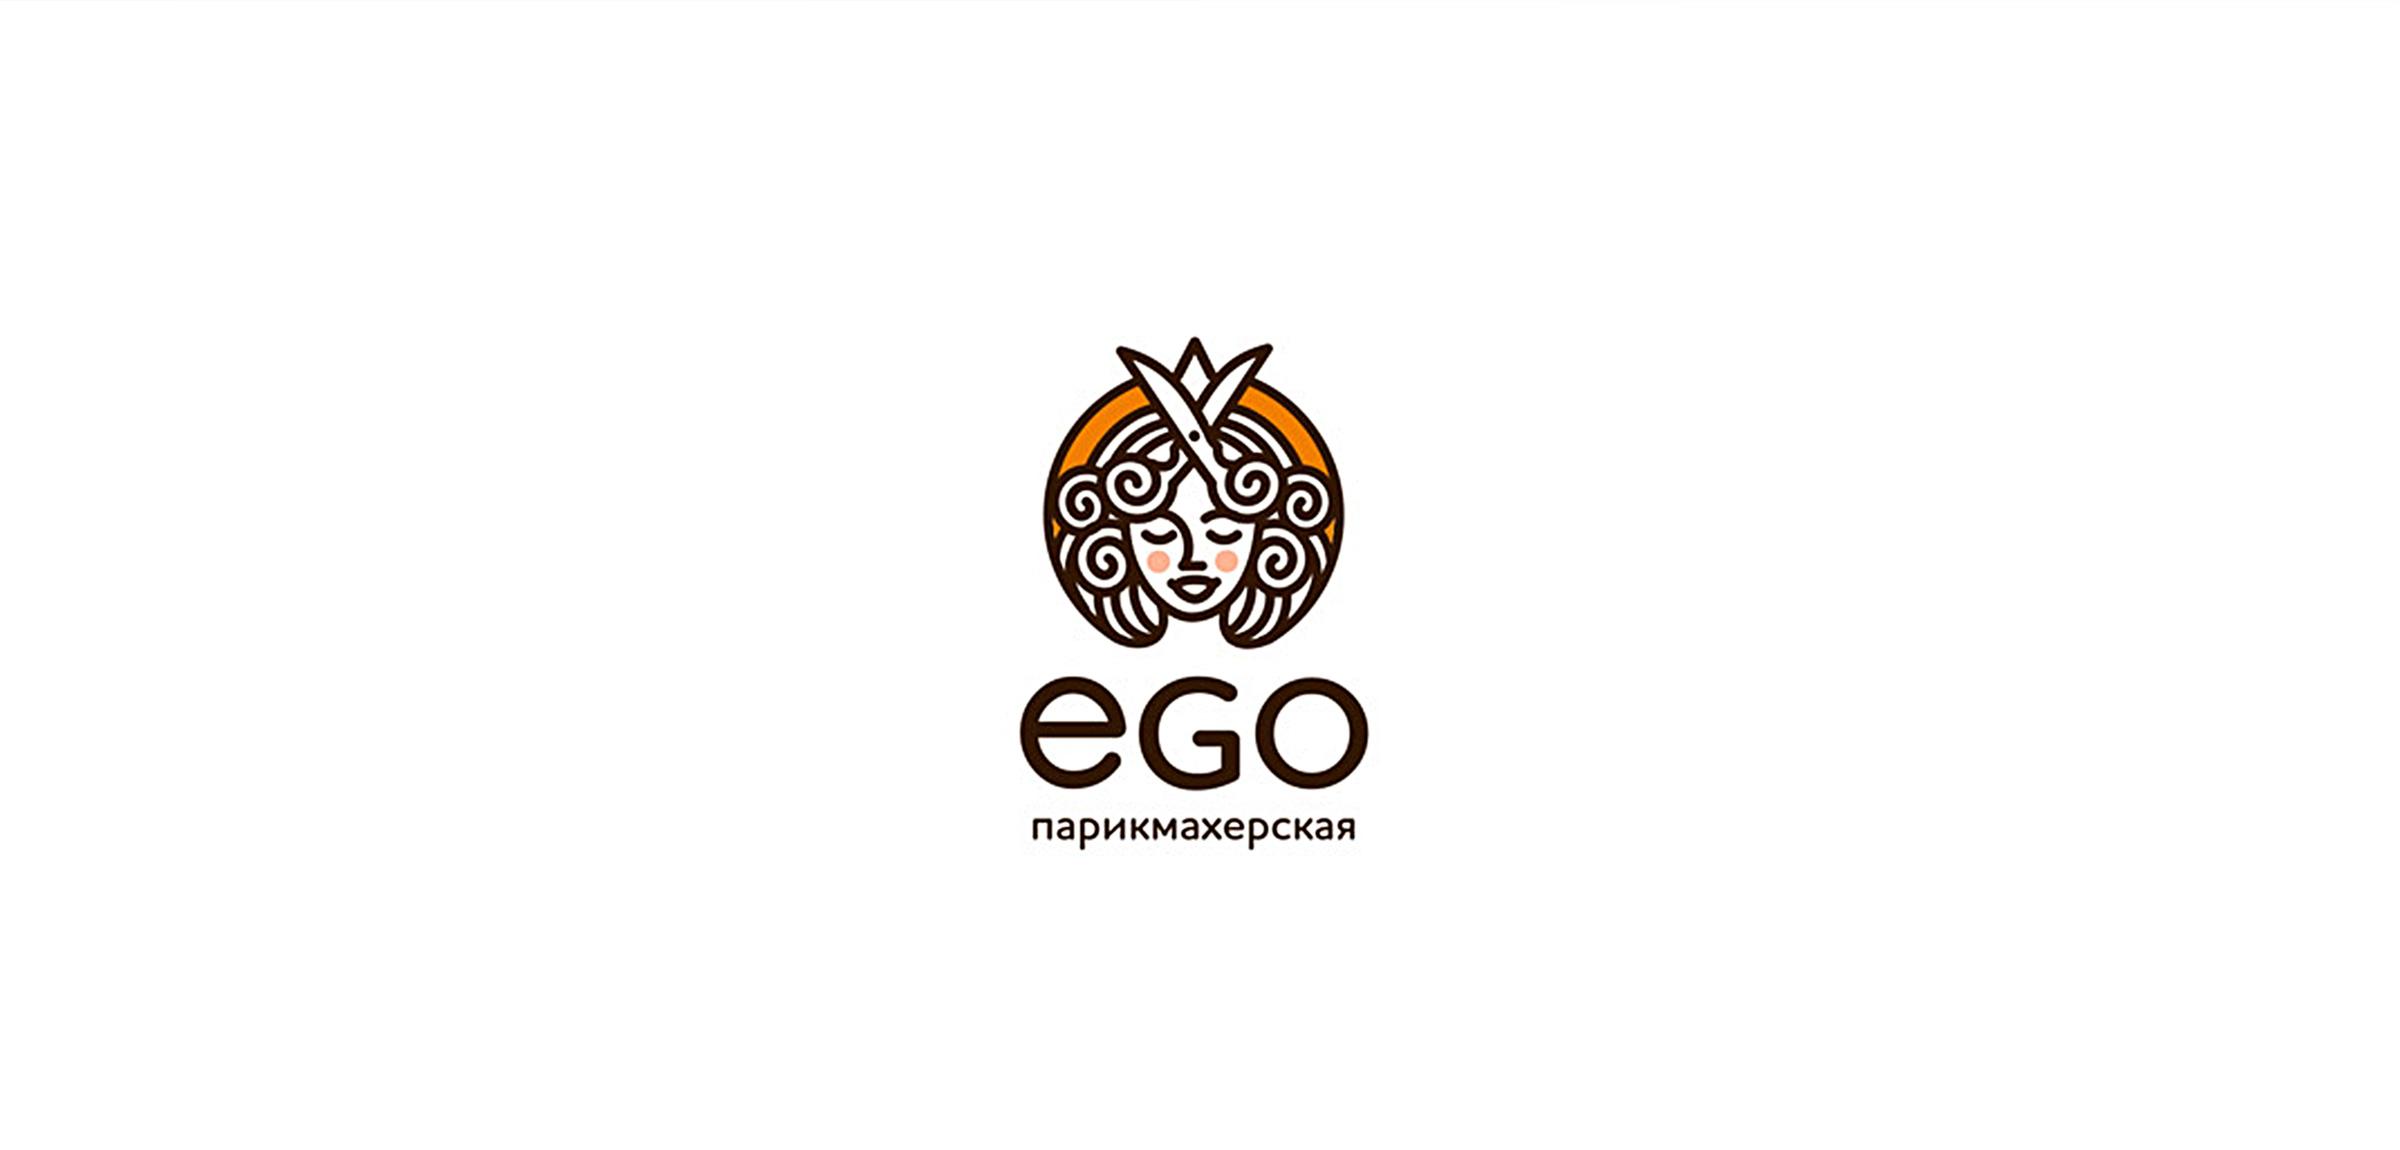 Фирменный стиль EGO